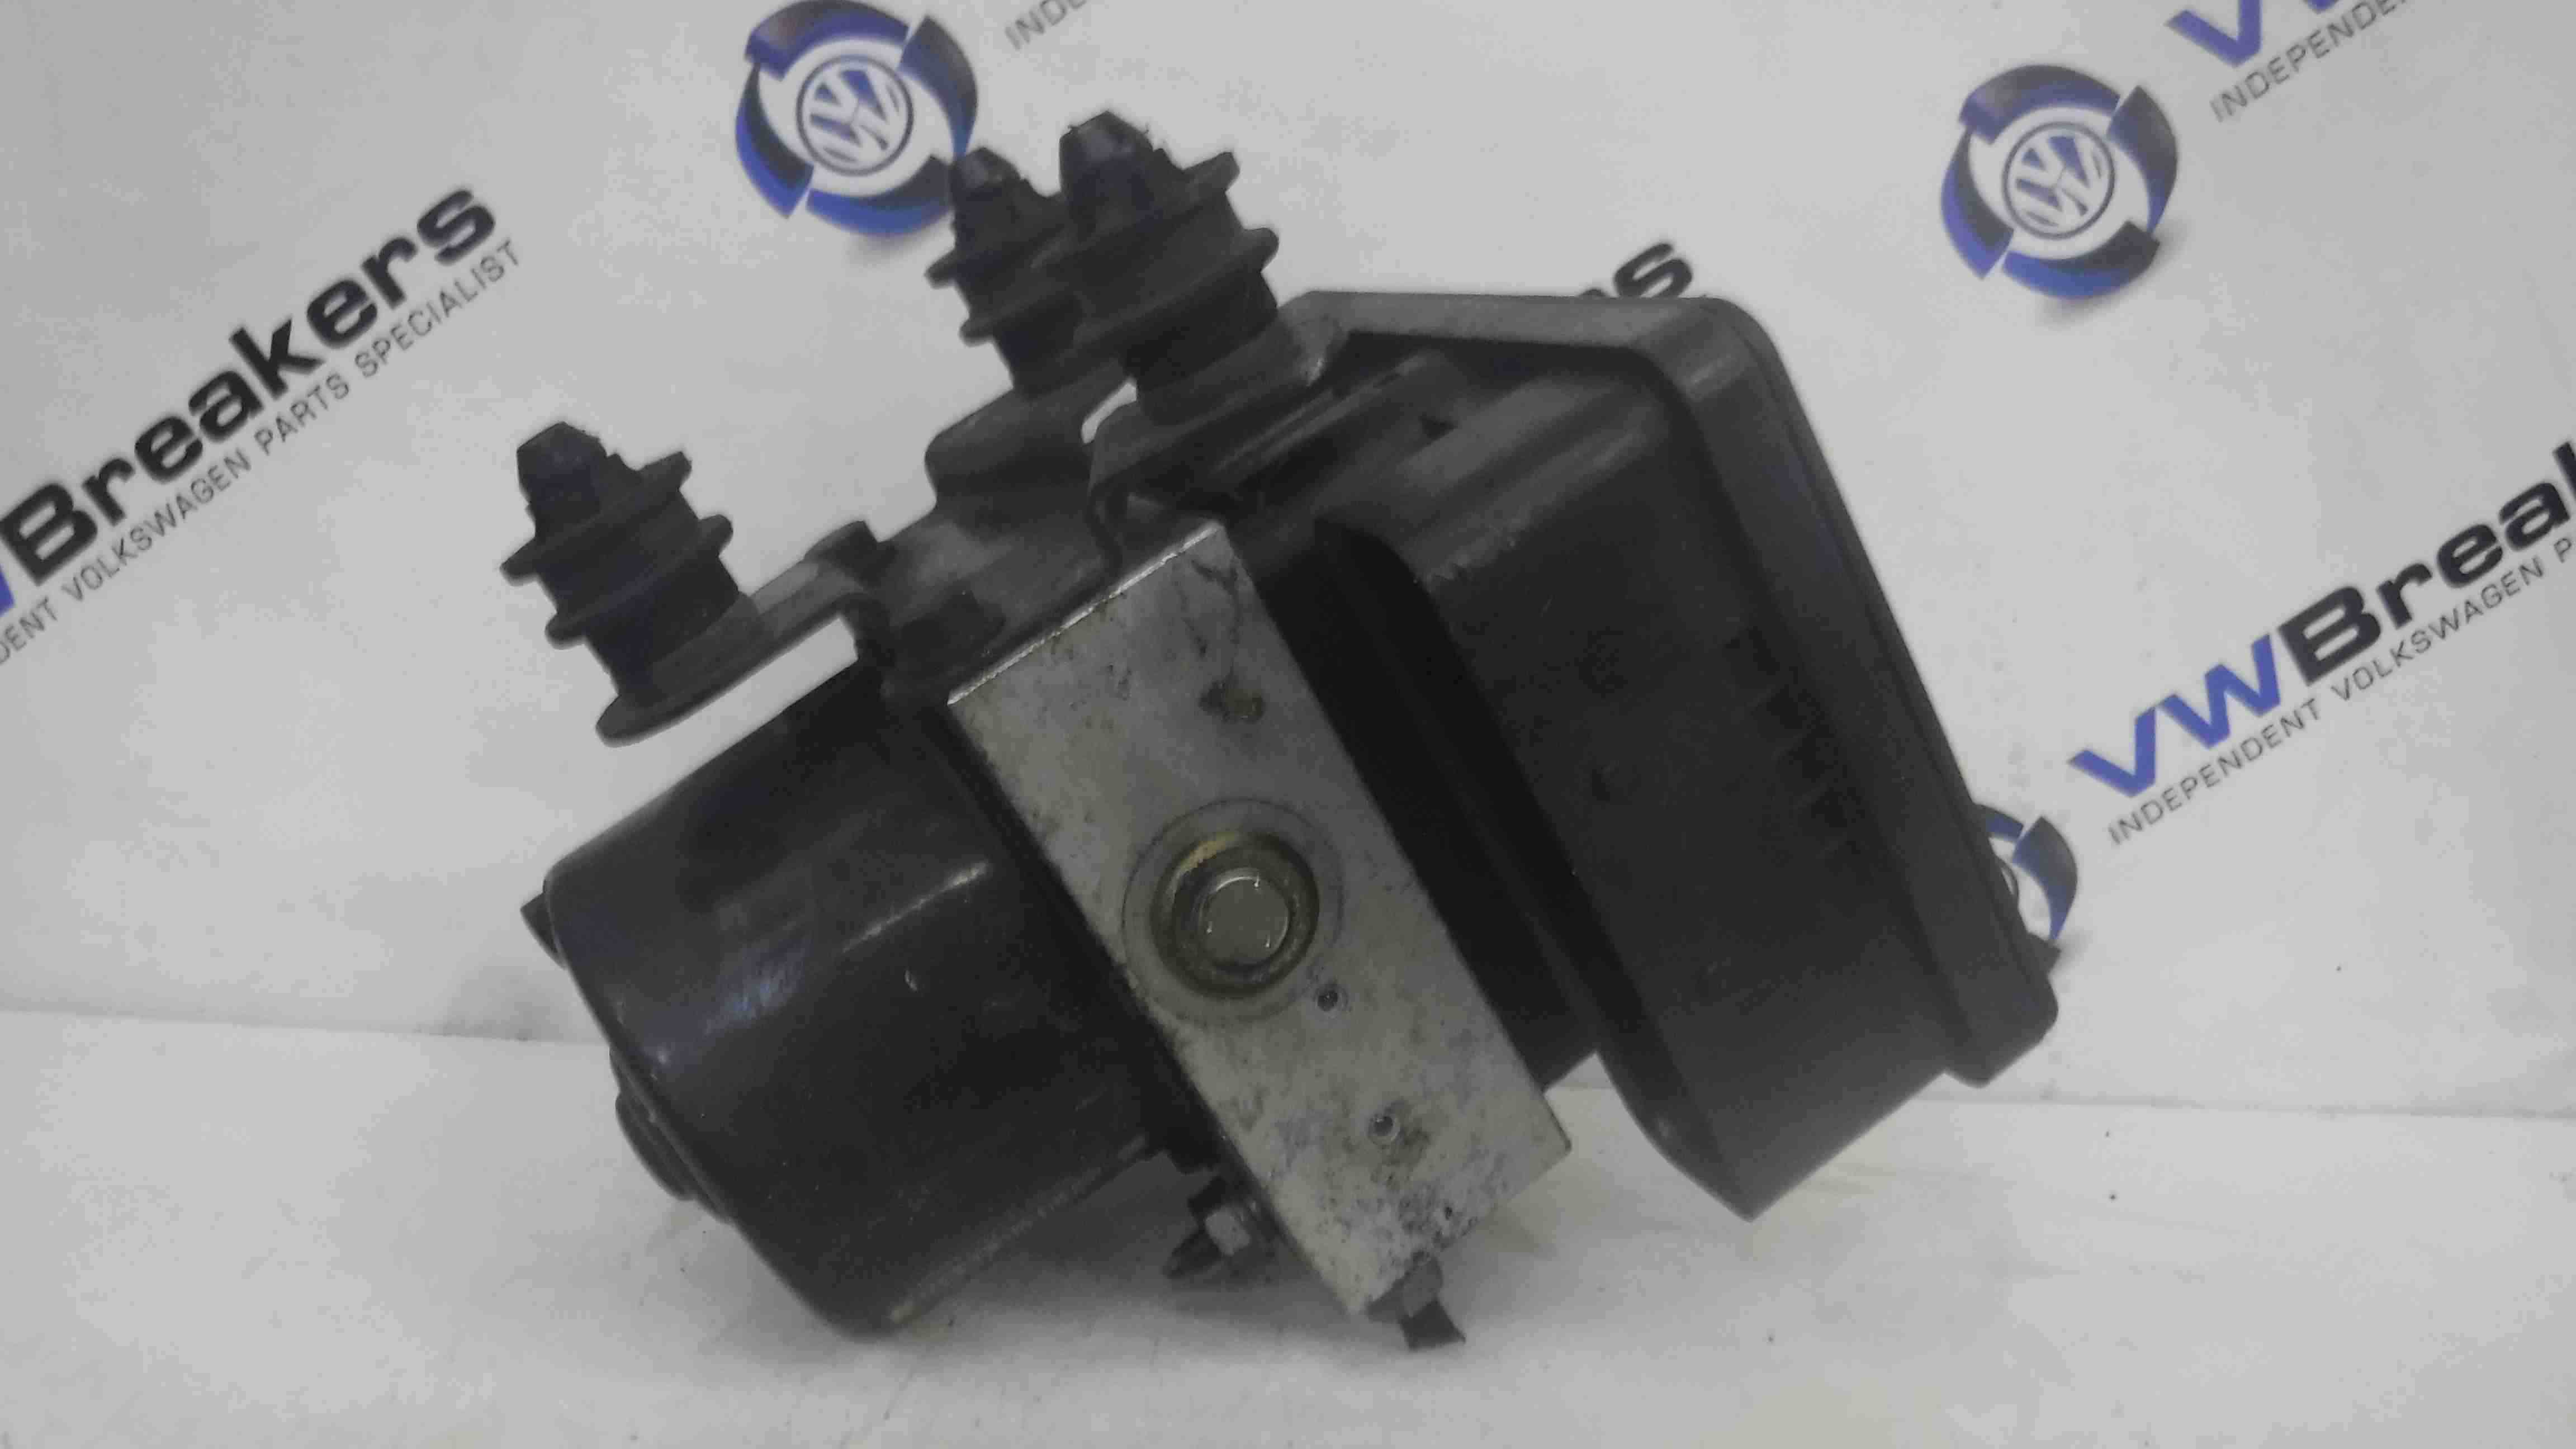 Volkswagen Golf MK5 2003-2009 ABS Pump Unit 1K0907379K 1k0614517h